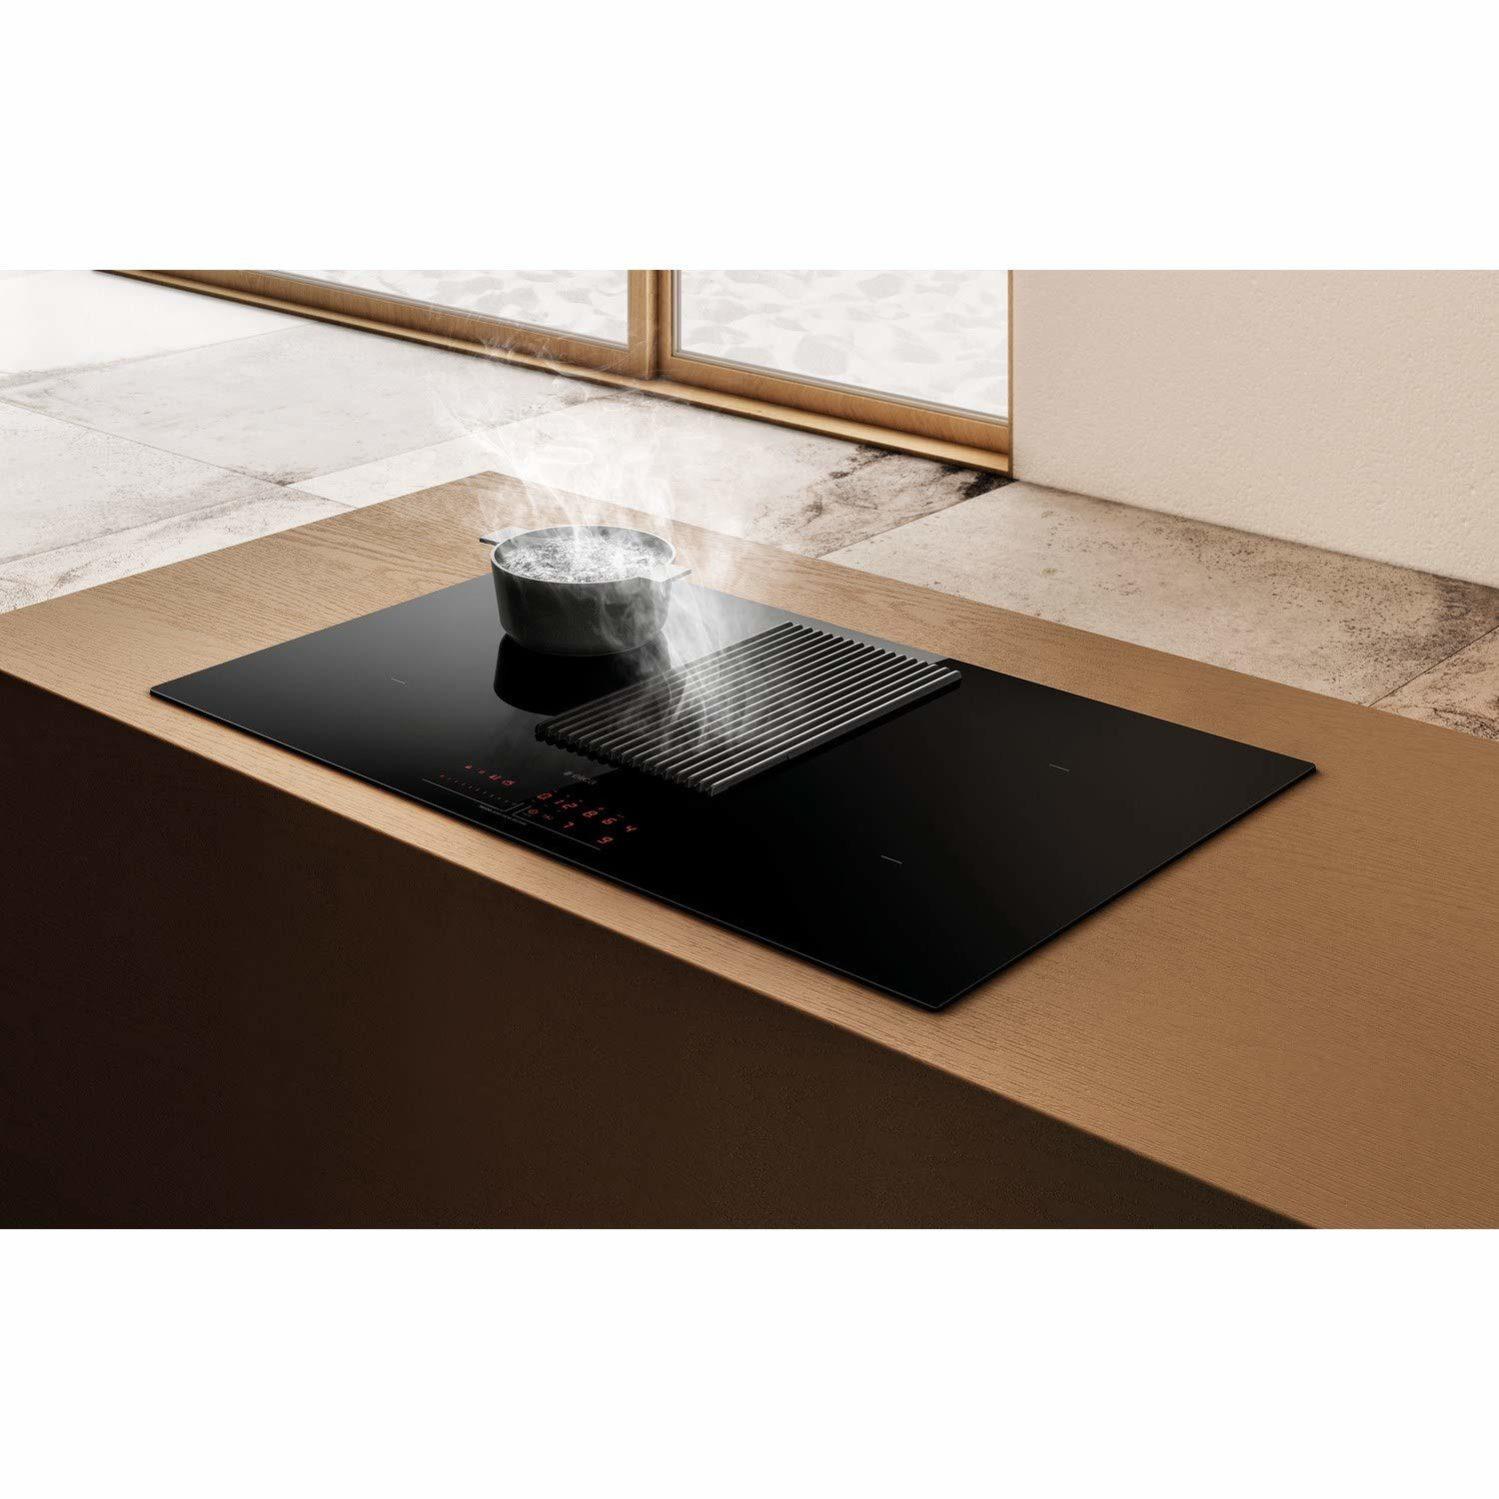 Piano Cottura Aspirante Elica Prezzo elica nikola tesla prime piano cottura induzione con cappa integrata  filtrante 4 fuochi da 83 cm